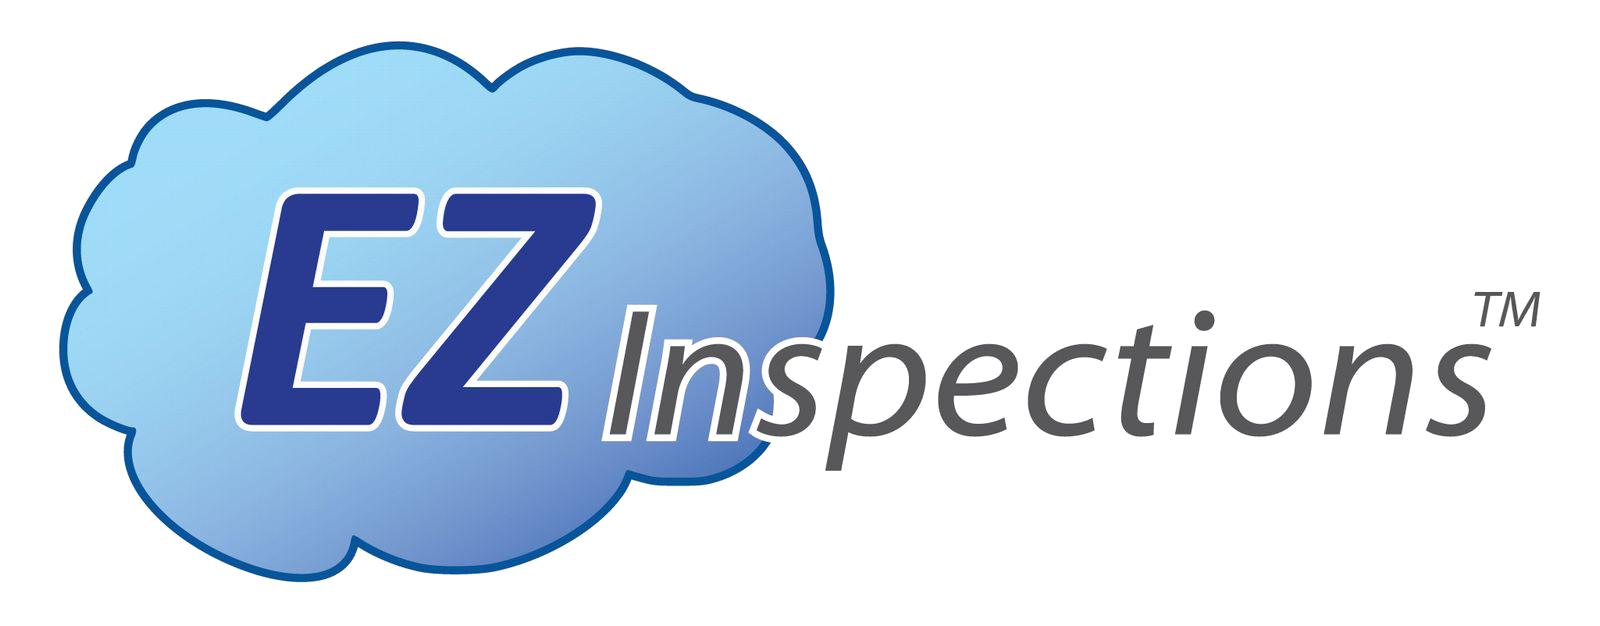 EZ Inspection